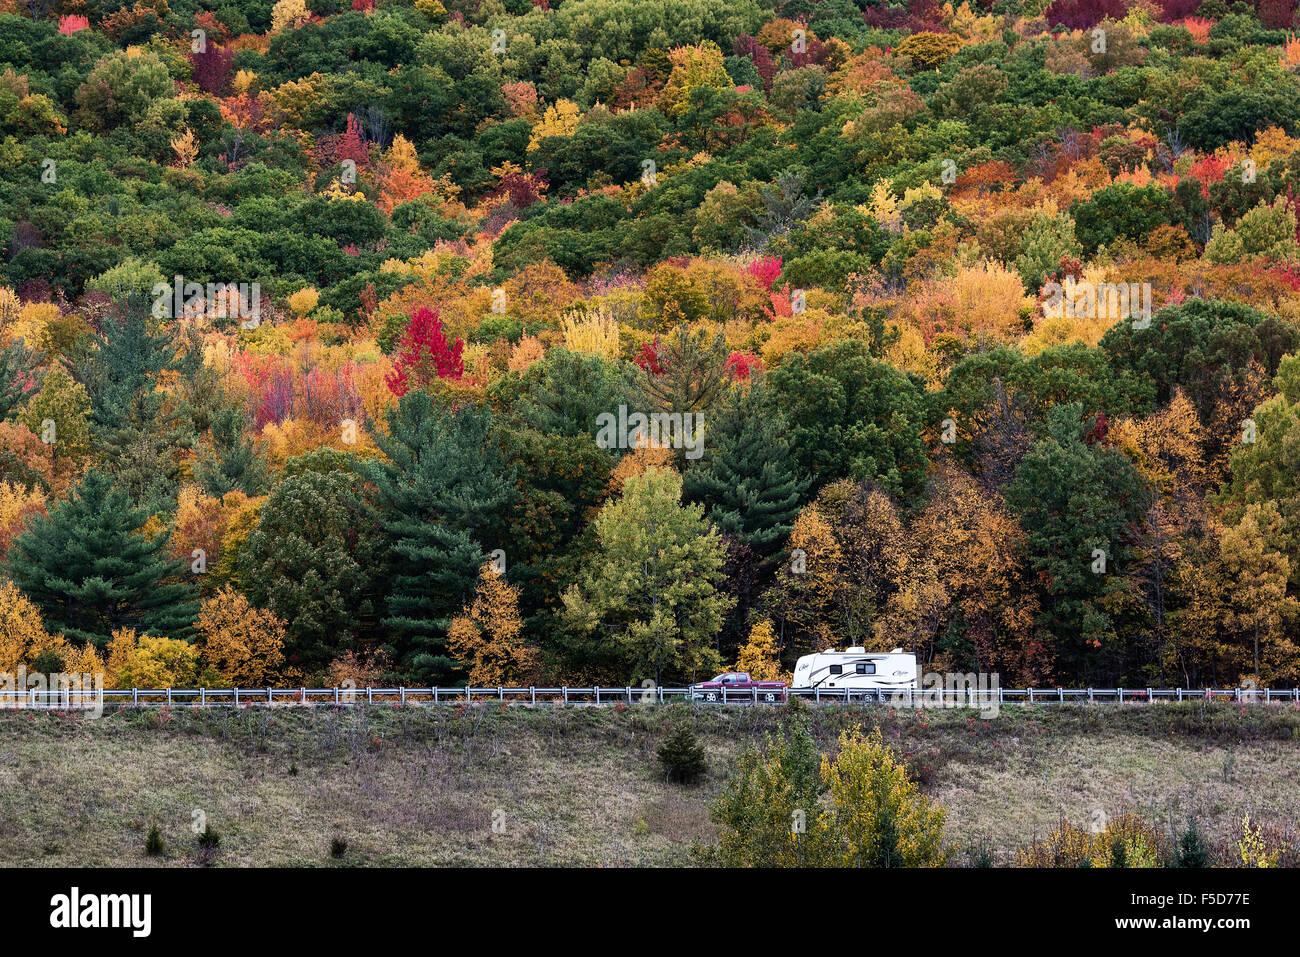 RV camper en un viaje por carretera de otoño, Castleton, Nueva York, EE.UU. Imagen De Stock